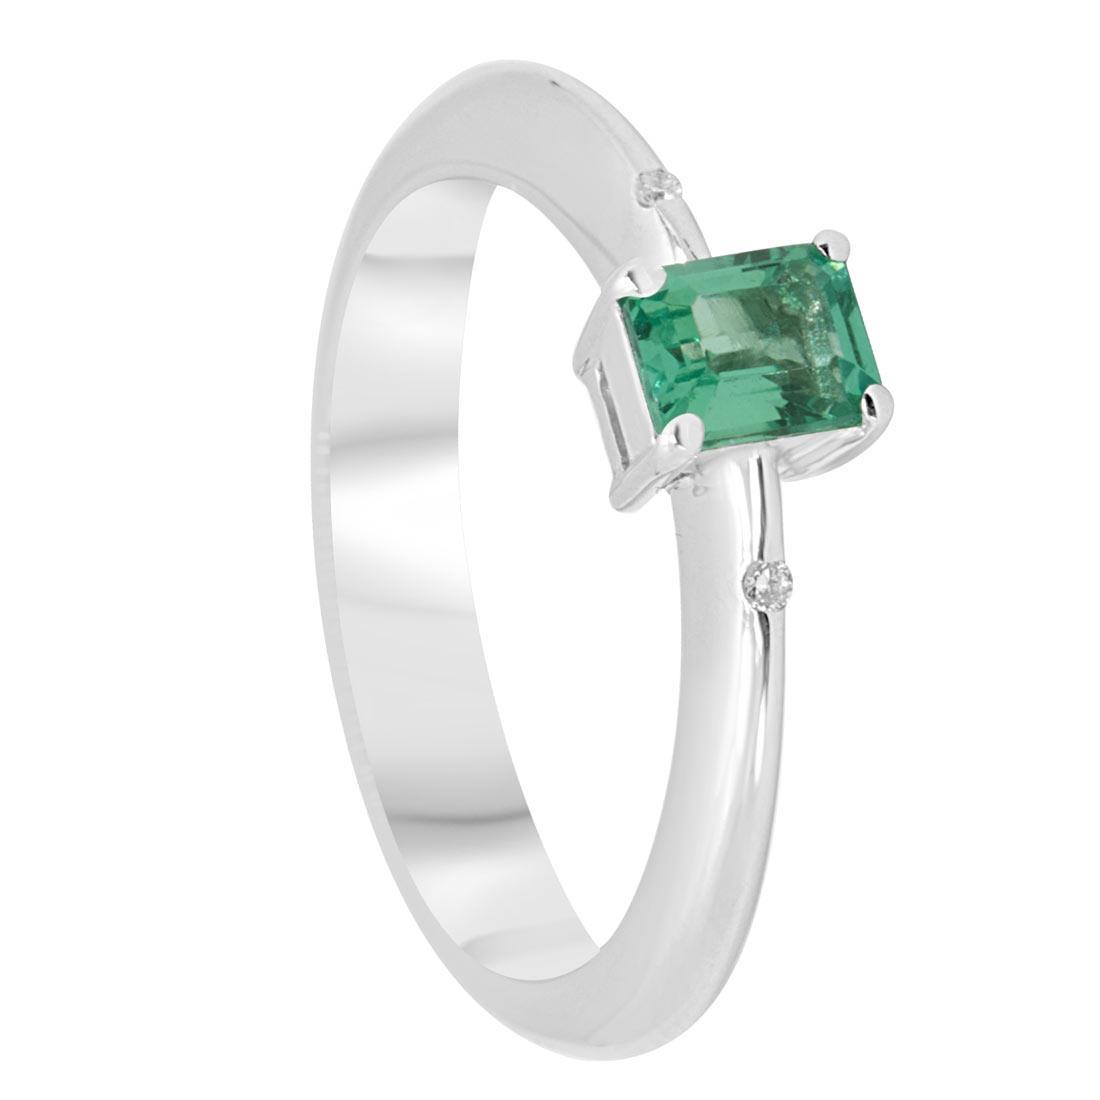 Anello in oro bianco con smeraldo e diamanti mis 12 - ORO&CO